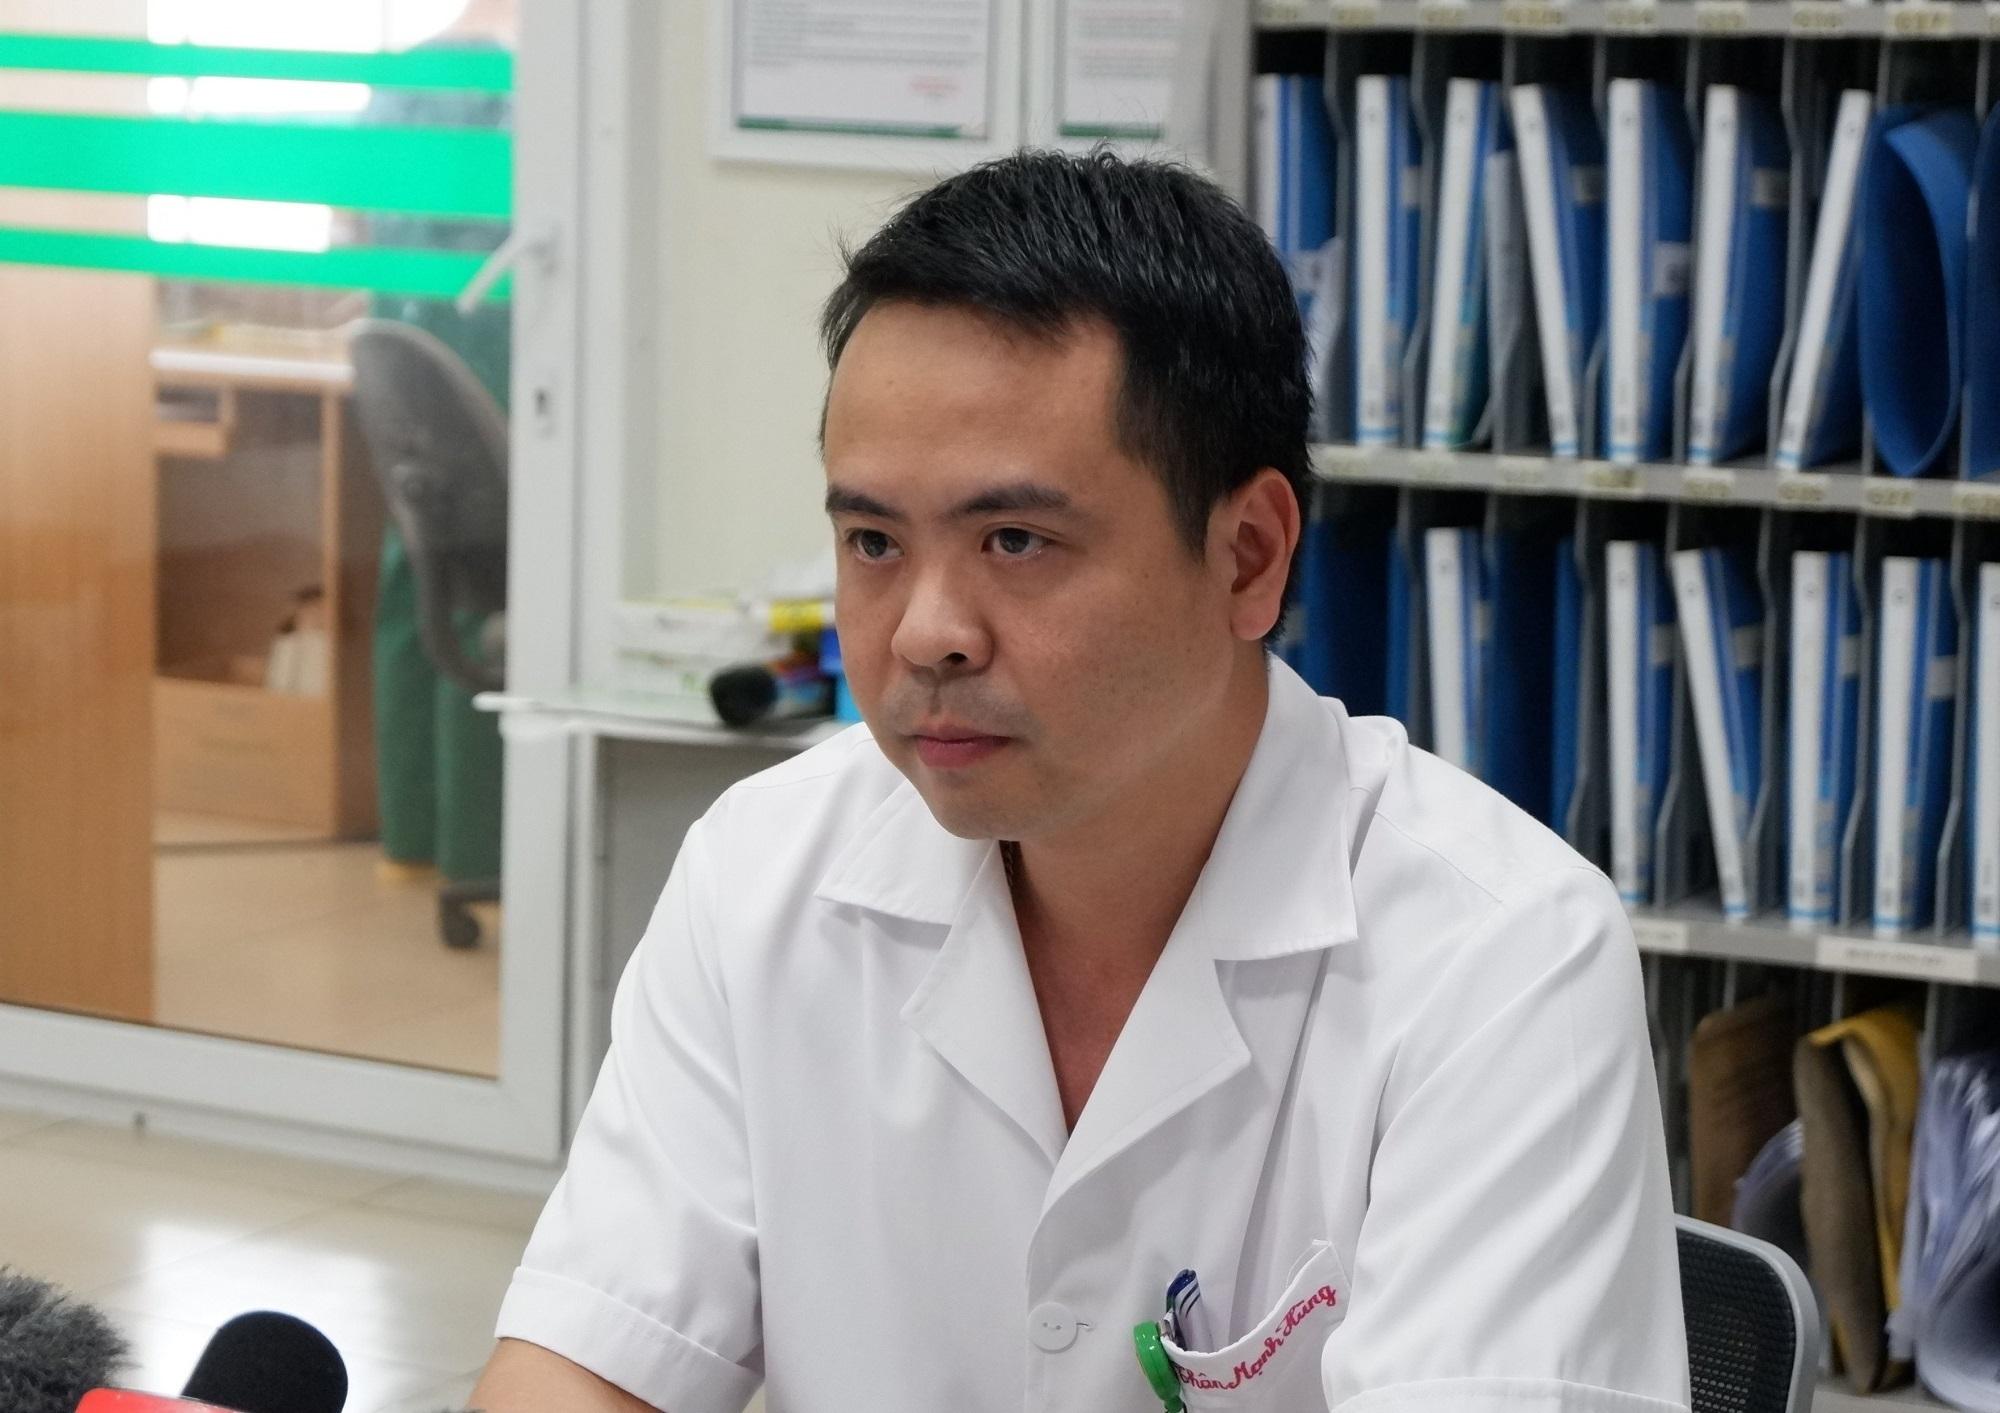 Bệnh nhân Covid-19 nặng ở Việt Nam từng cần tới 20 loại máy móc để cứu sống, người Việt chớ chủ quan!